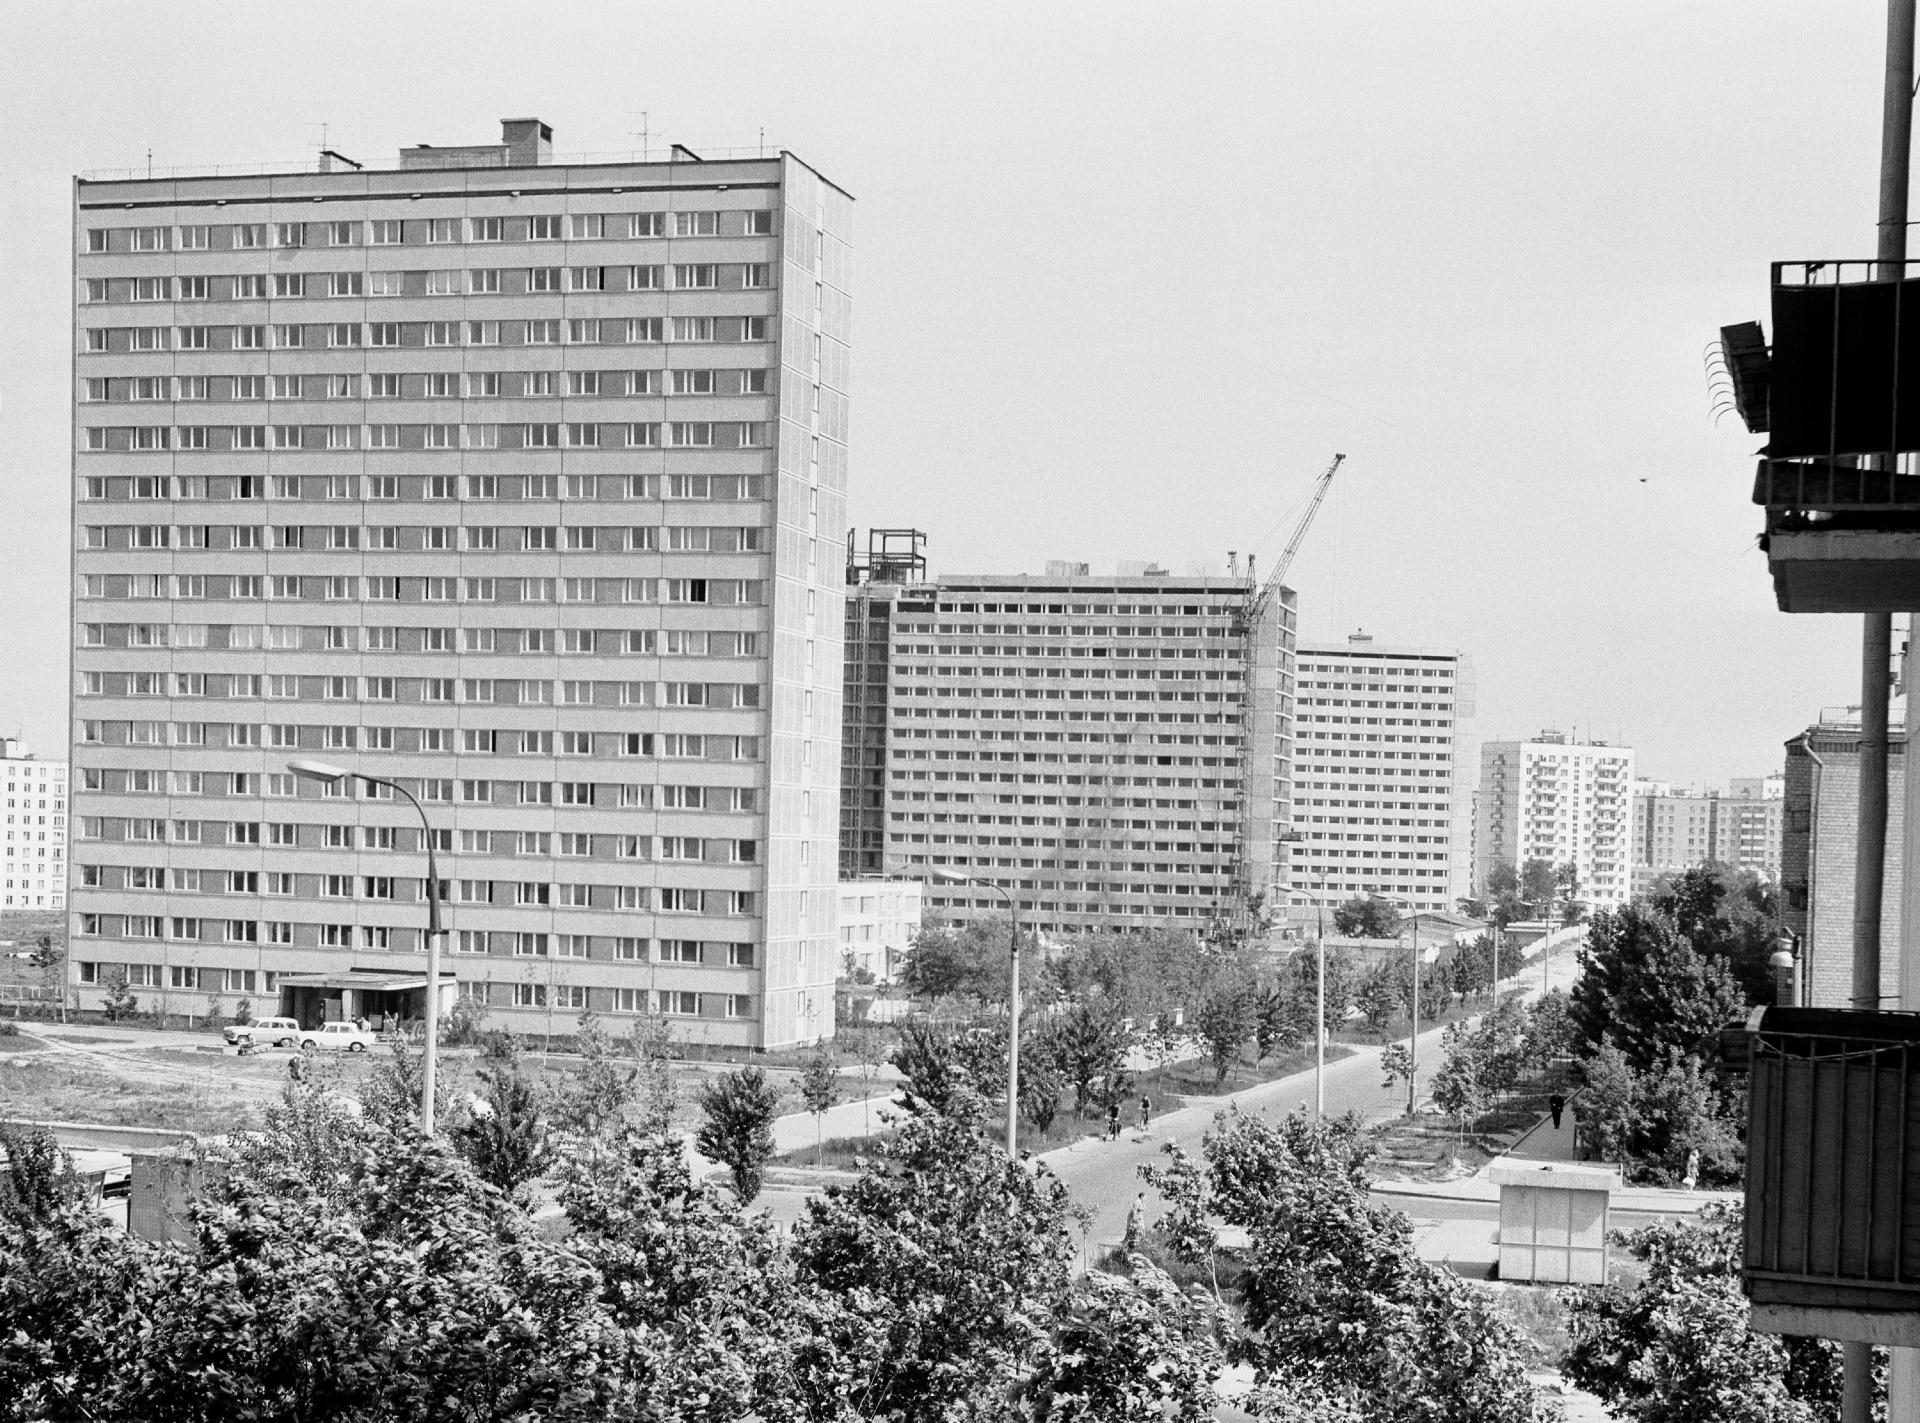 16-этажный одноподъездный панельный жилой дом серии 1МГ-601 Д. Вид на Новые Черемушки из строящегося жилого здания на улице Телевидения. 13 июня 1969г.